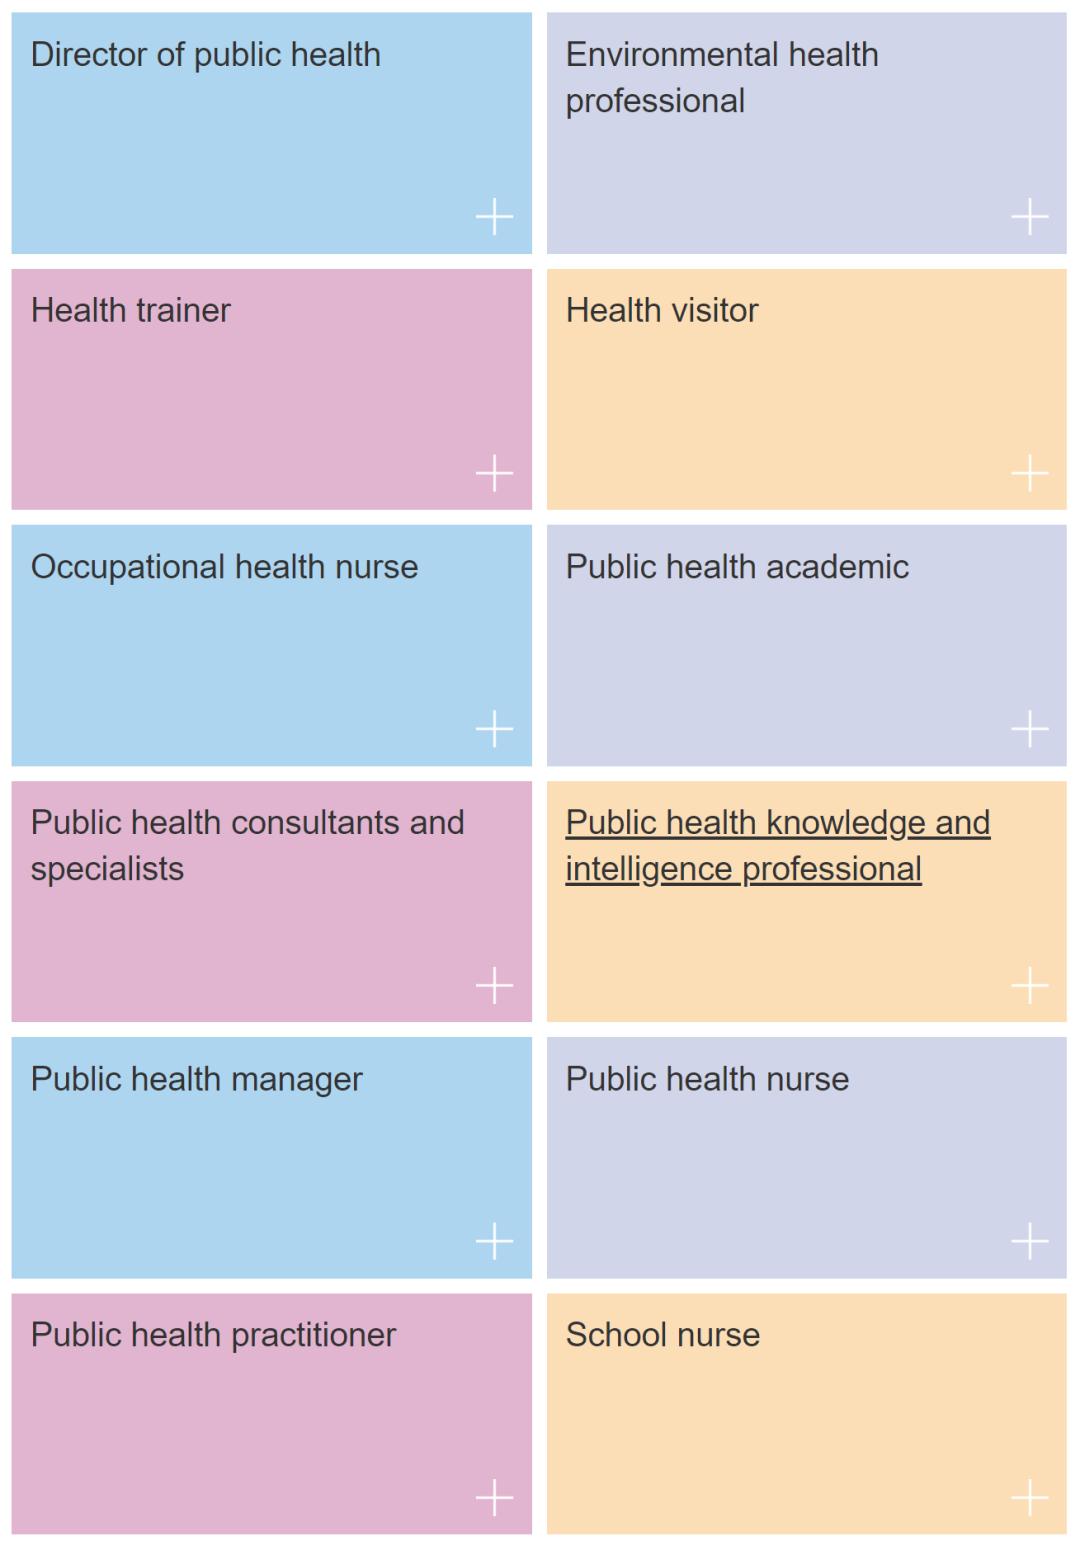 专业篇 | 去英国读公共卫生专业